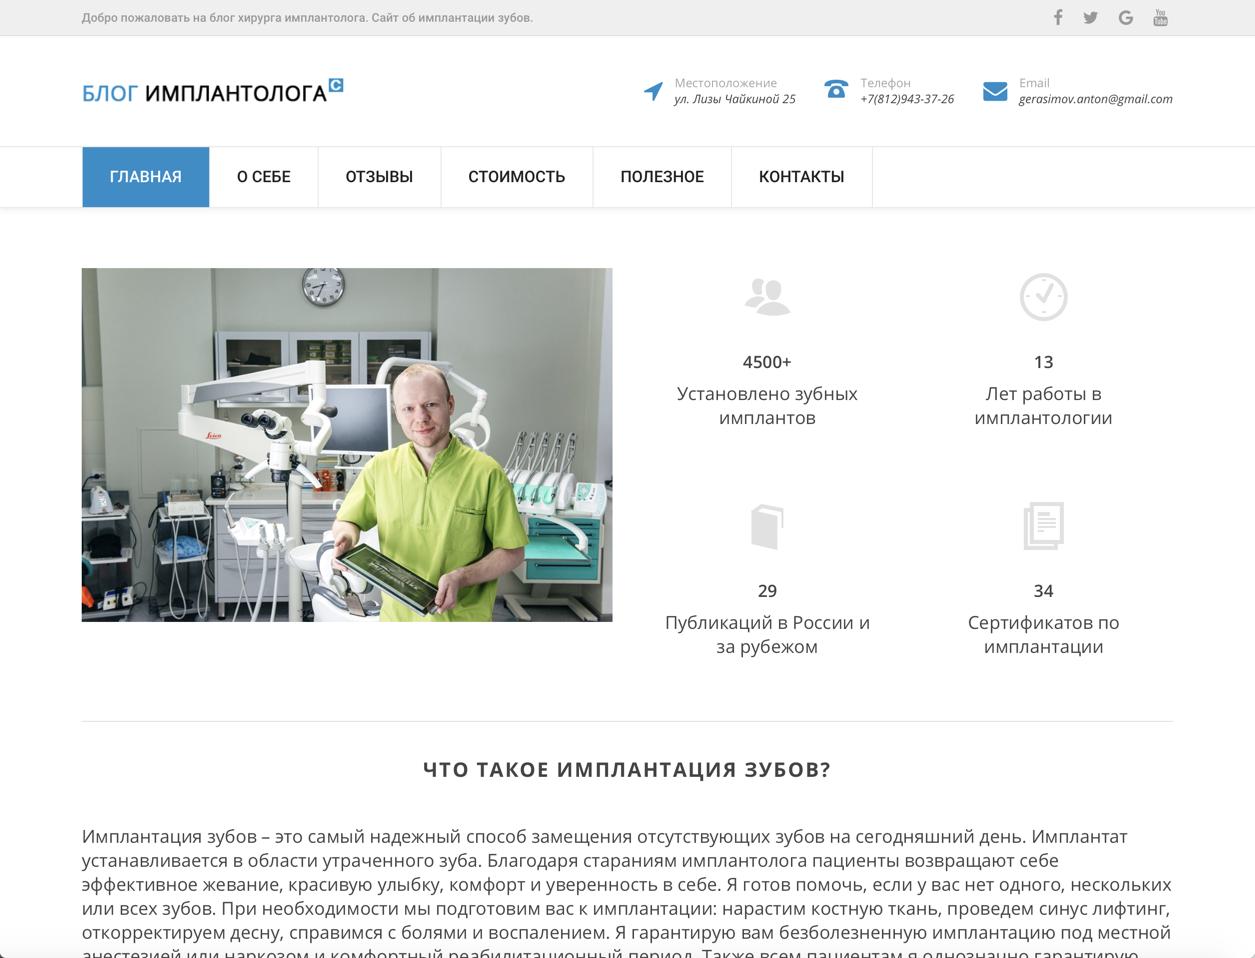 Антон Герасимов – implantolog.spb.ru